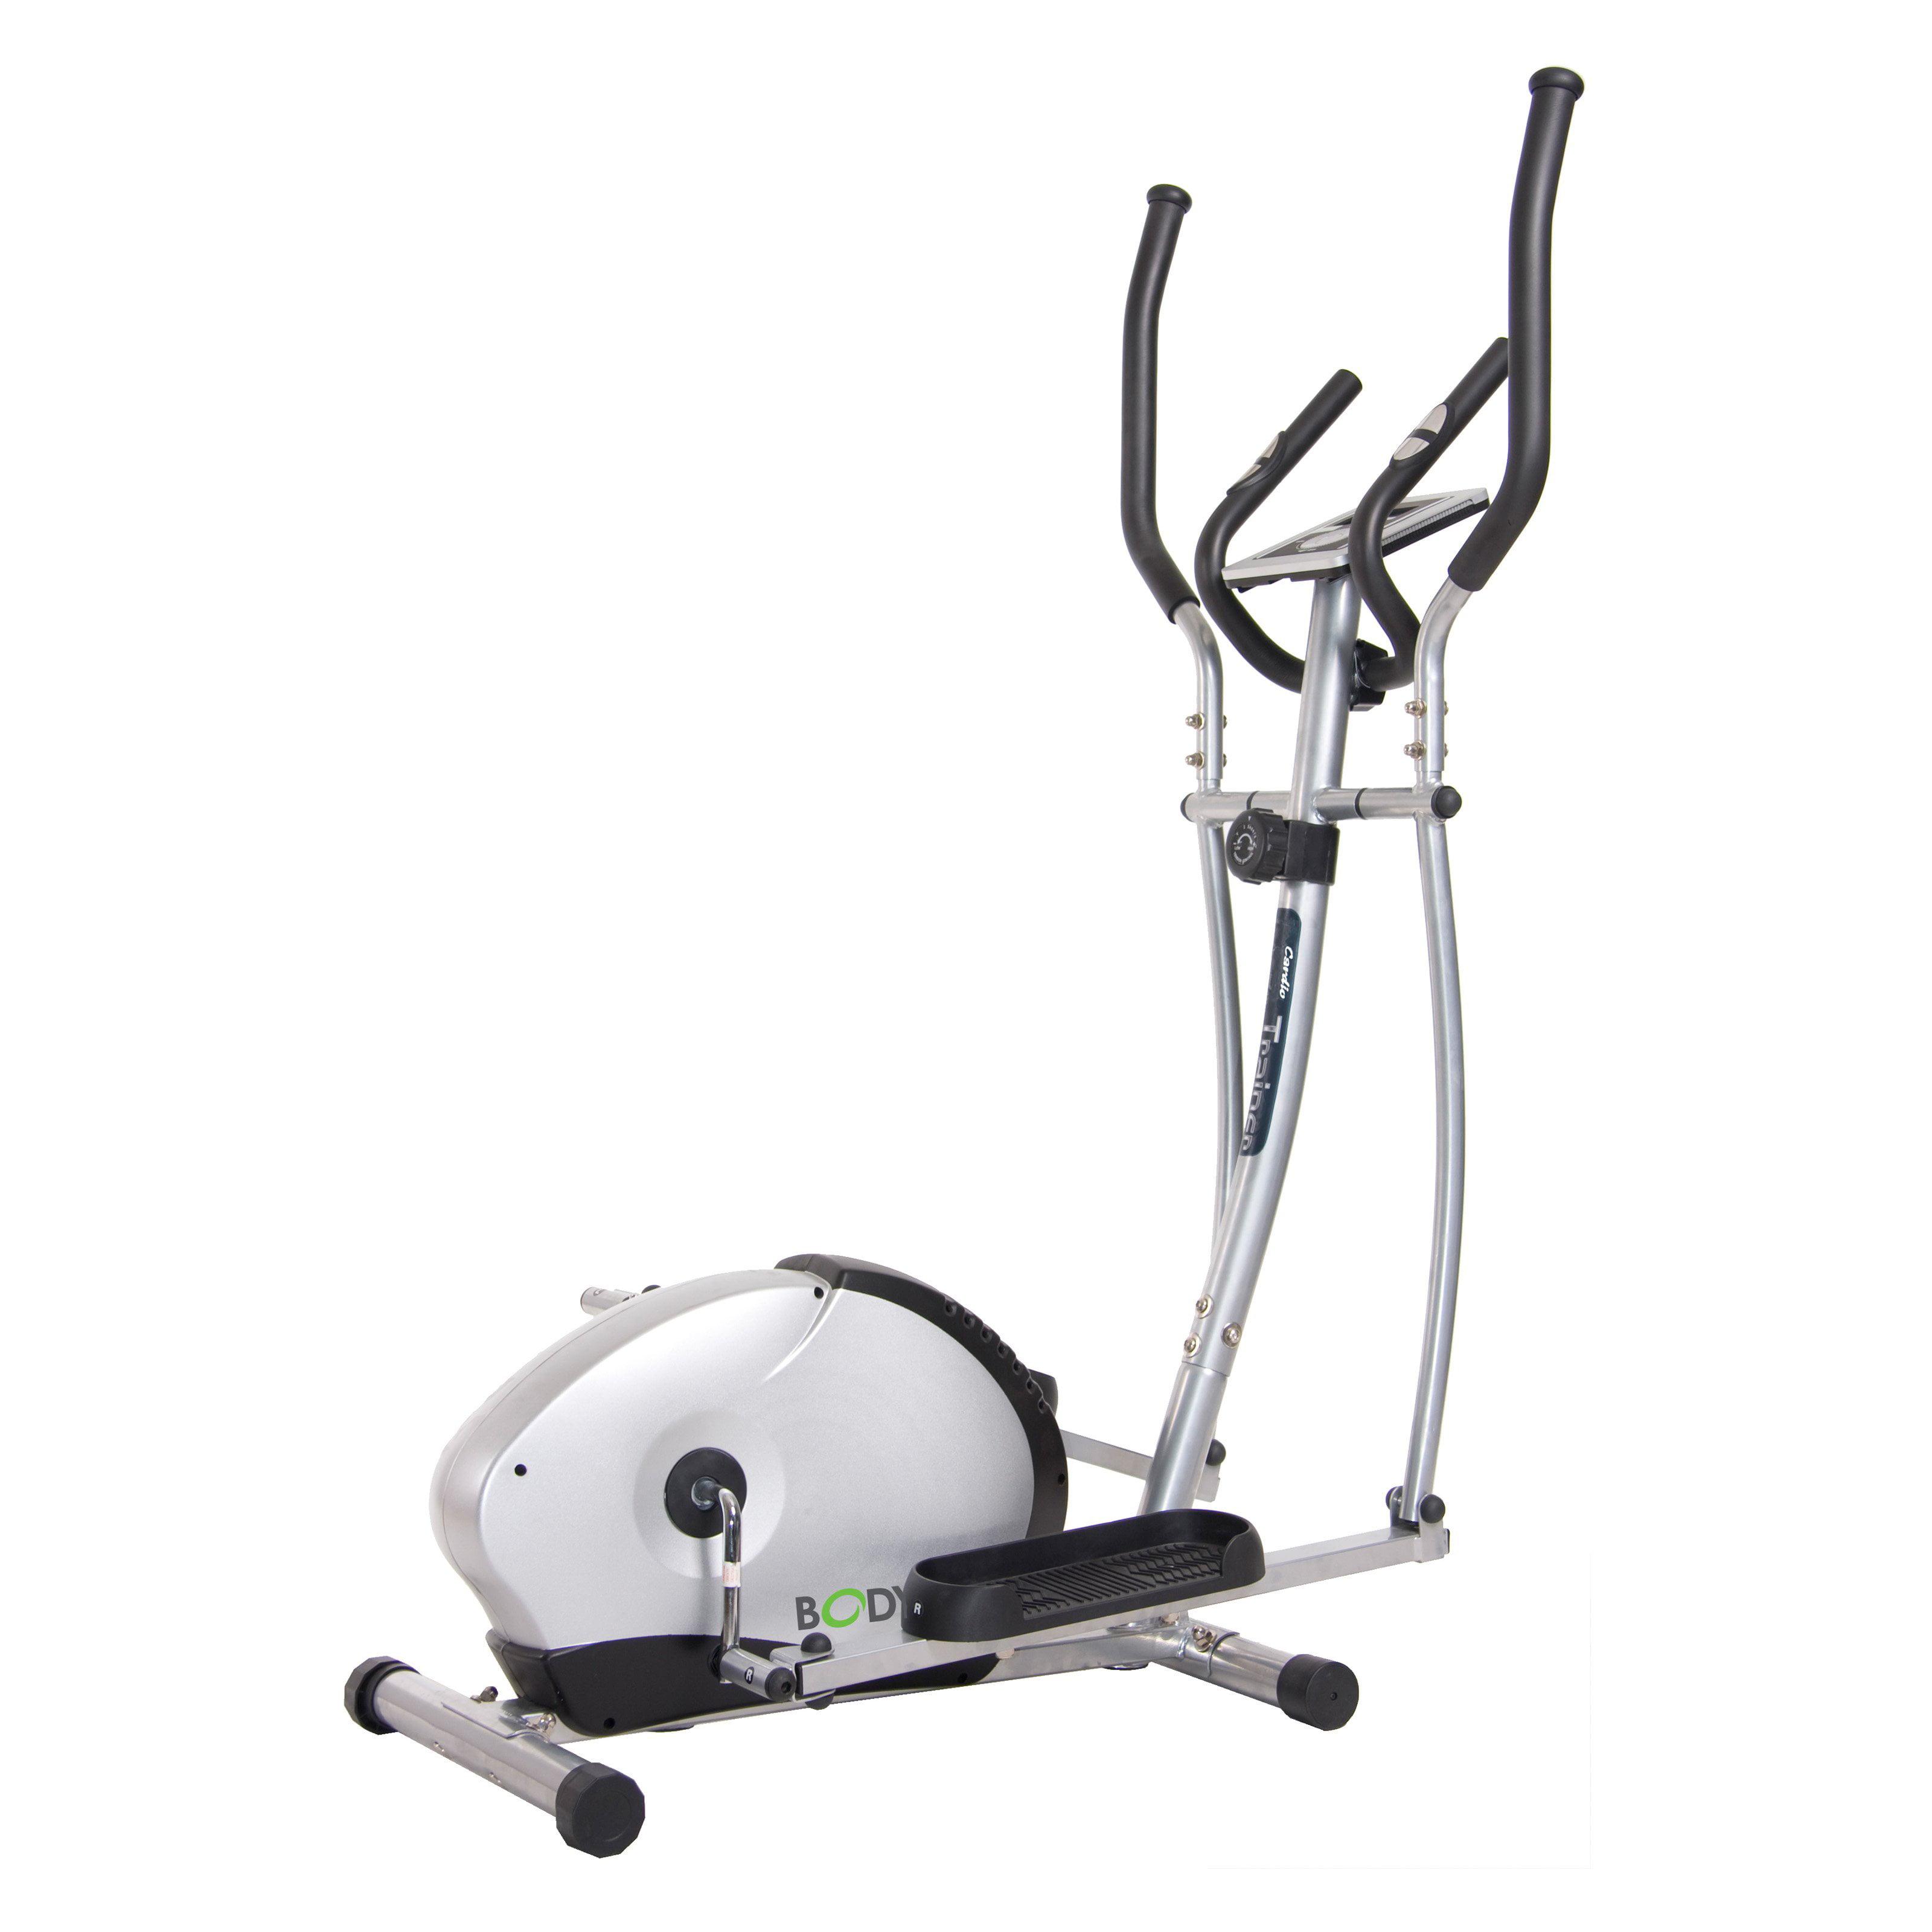 Body Flex Body Rider BR1680 Magnetic Elliptical Trainer